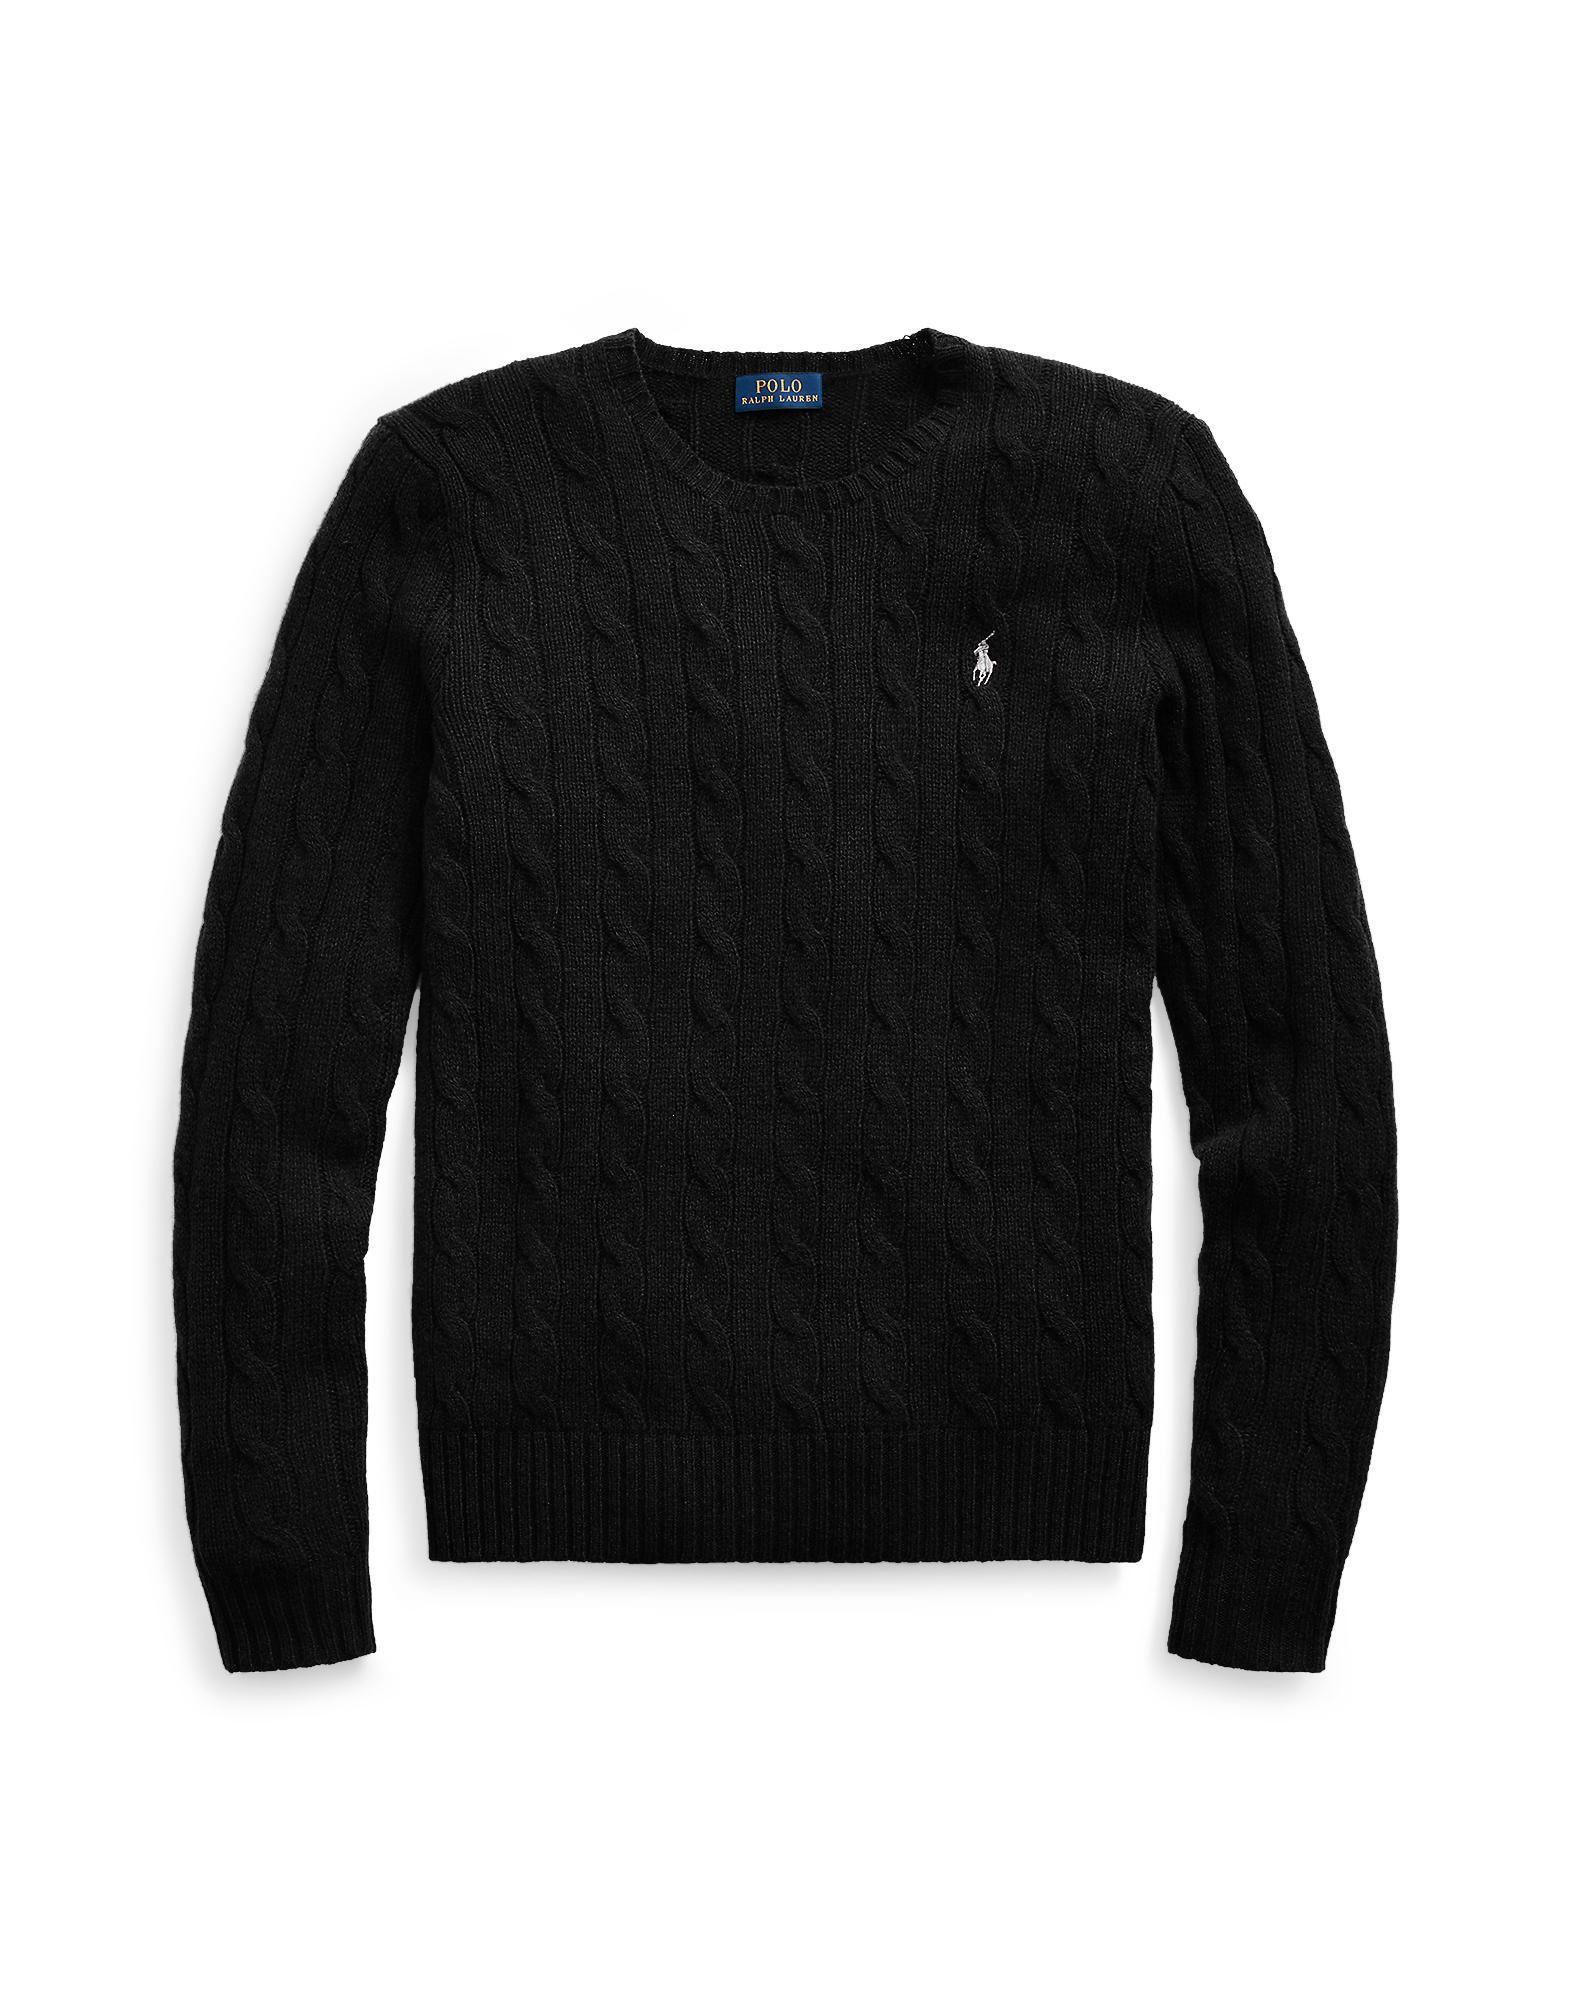 Popolare Pullover donna: acquista maglioni donna di lana e cashmere | YOOX CR17